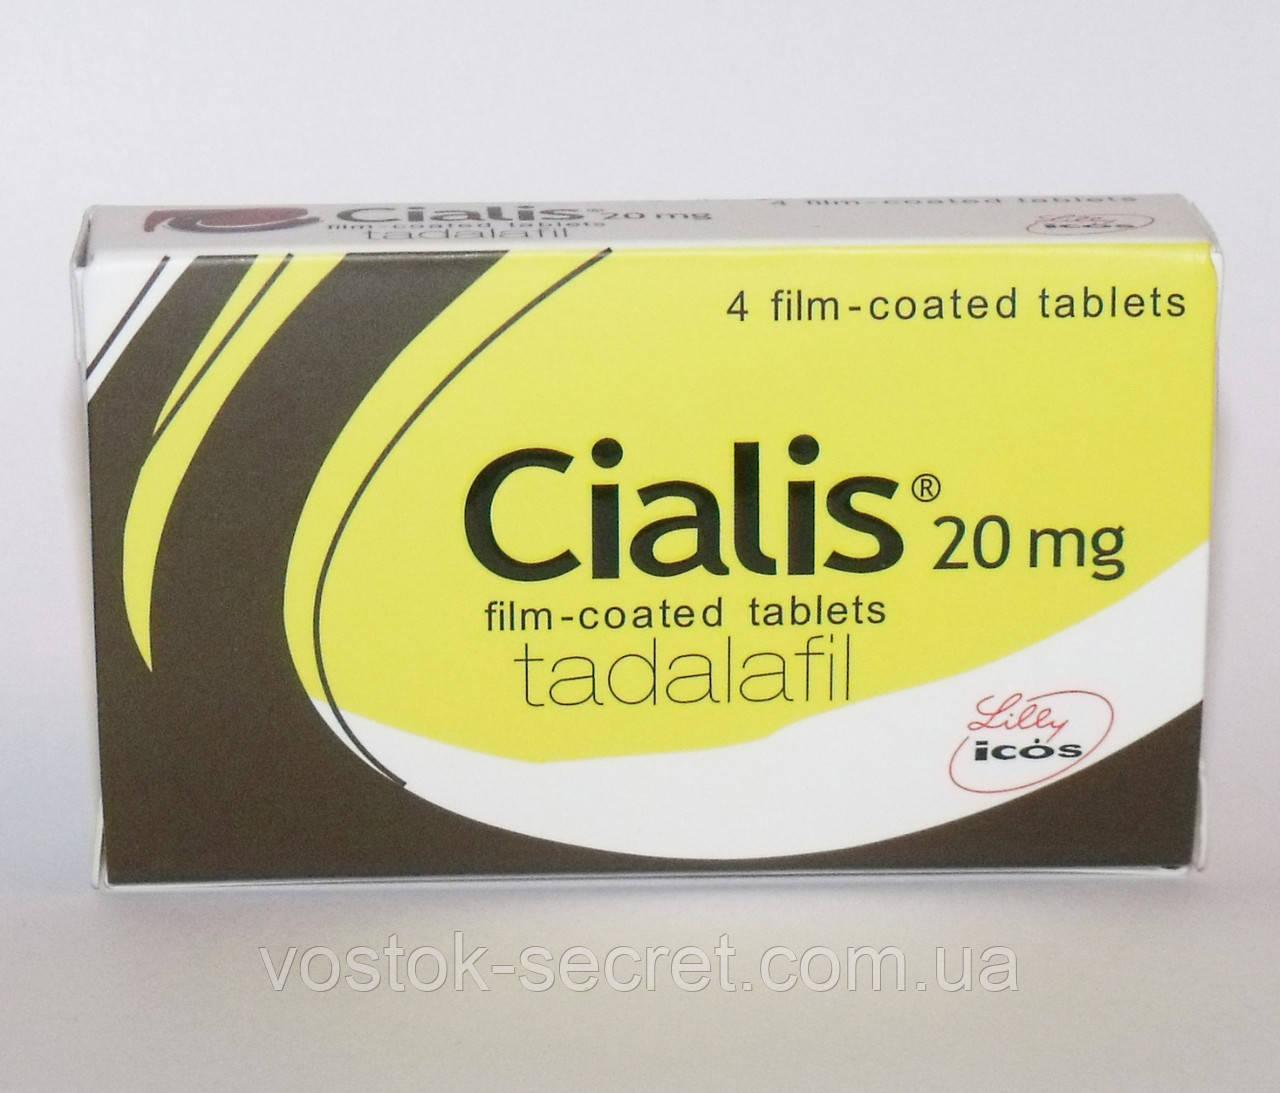 препараты для лечения эректильной дисфункции у мужчин сиалис